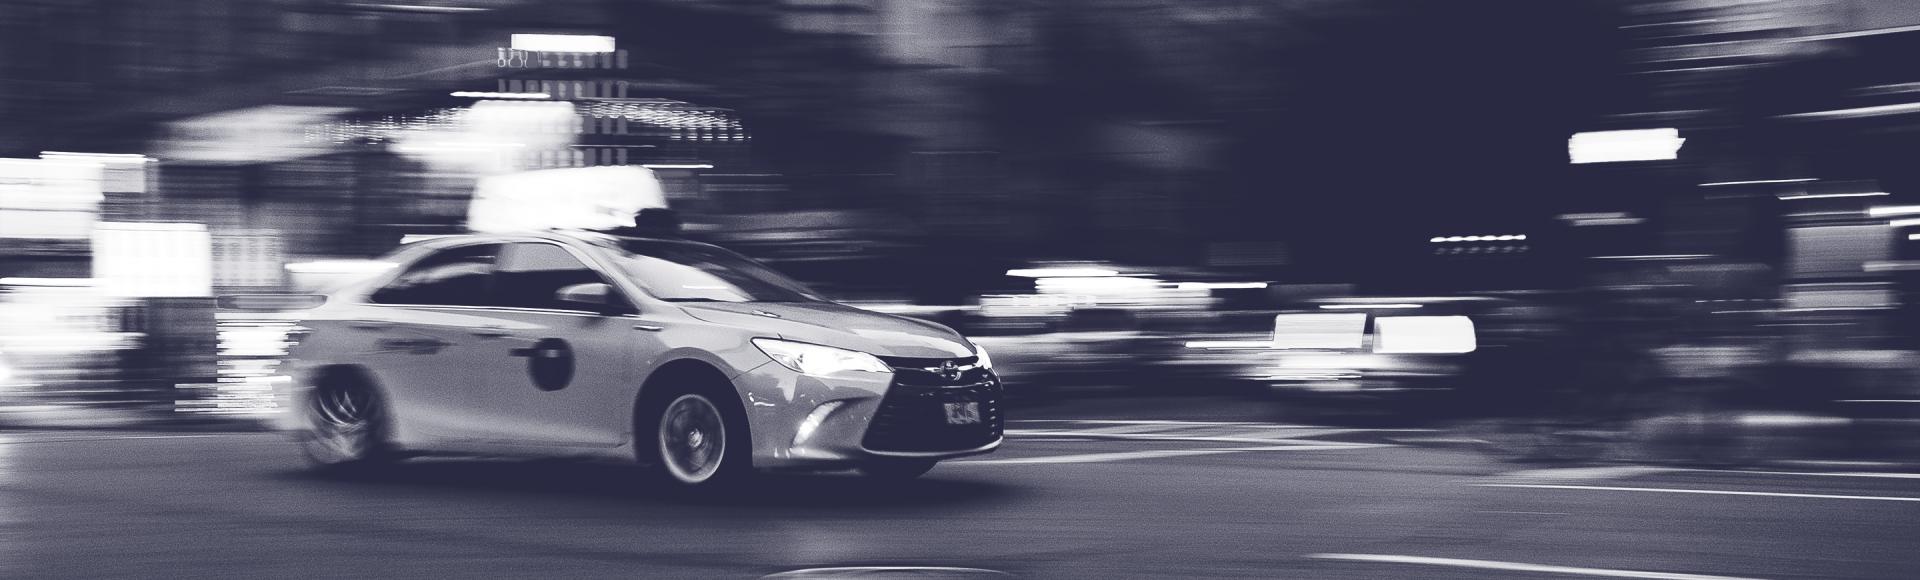 ARK-Invest_Blog-Banner_2016_12_29---Autonomous-Taxi-Market